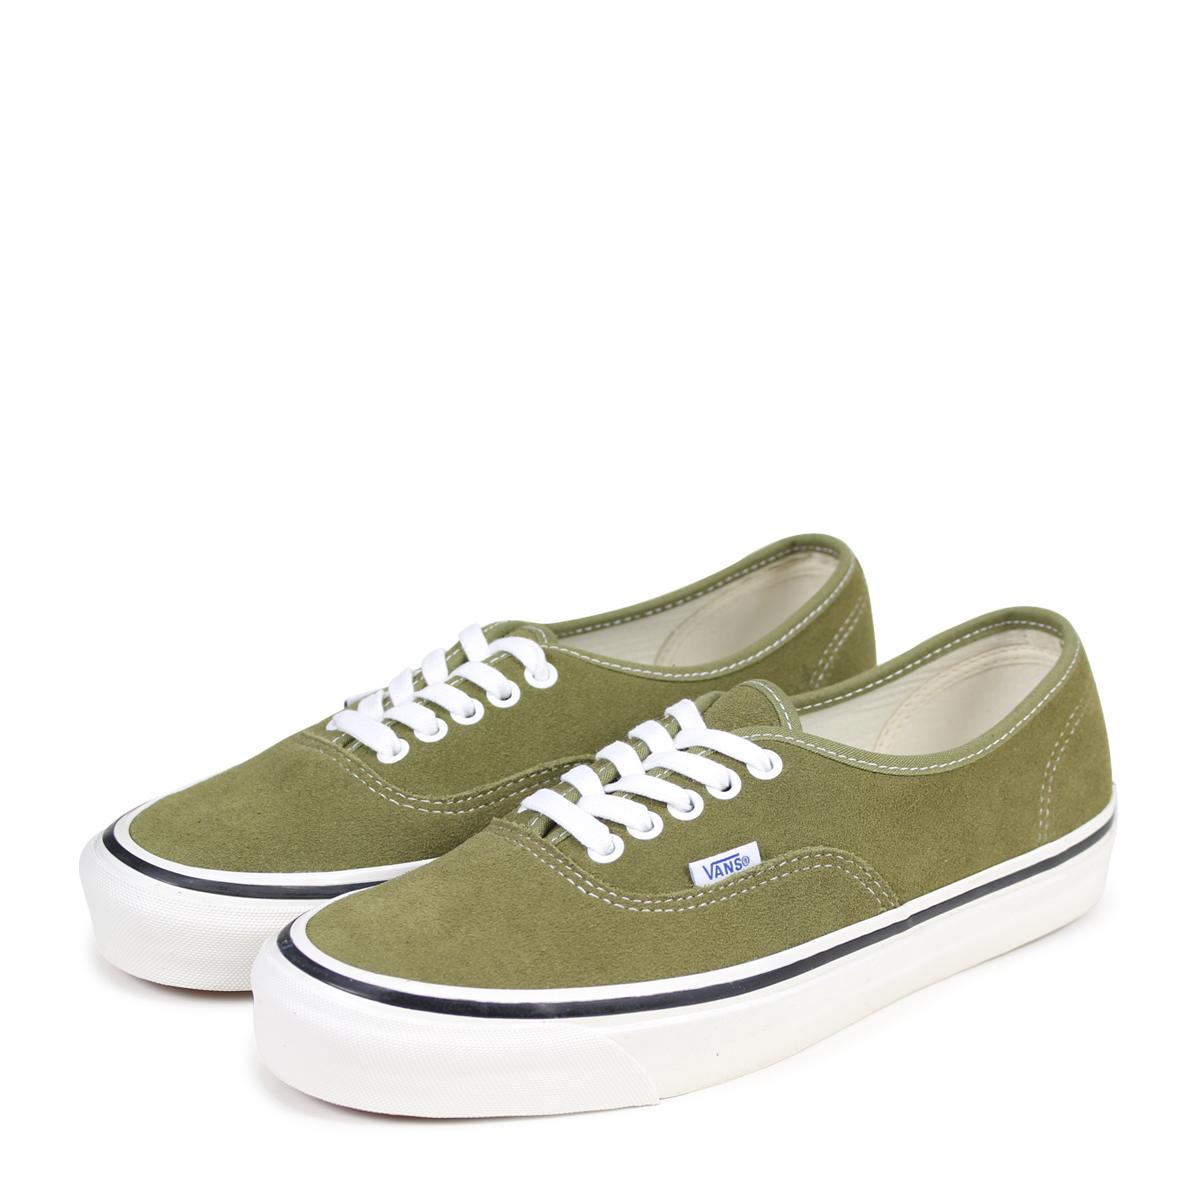 771df8c52e ALLSPORTS  VANS AUTHENTIC 44 DX authentic sneakers men gap Dis vans ...